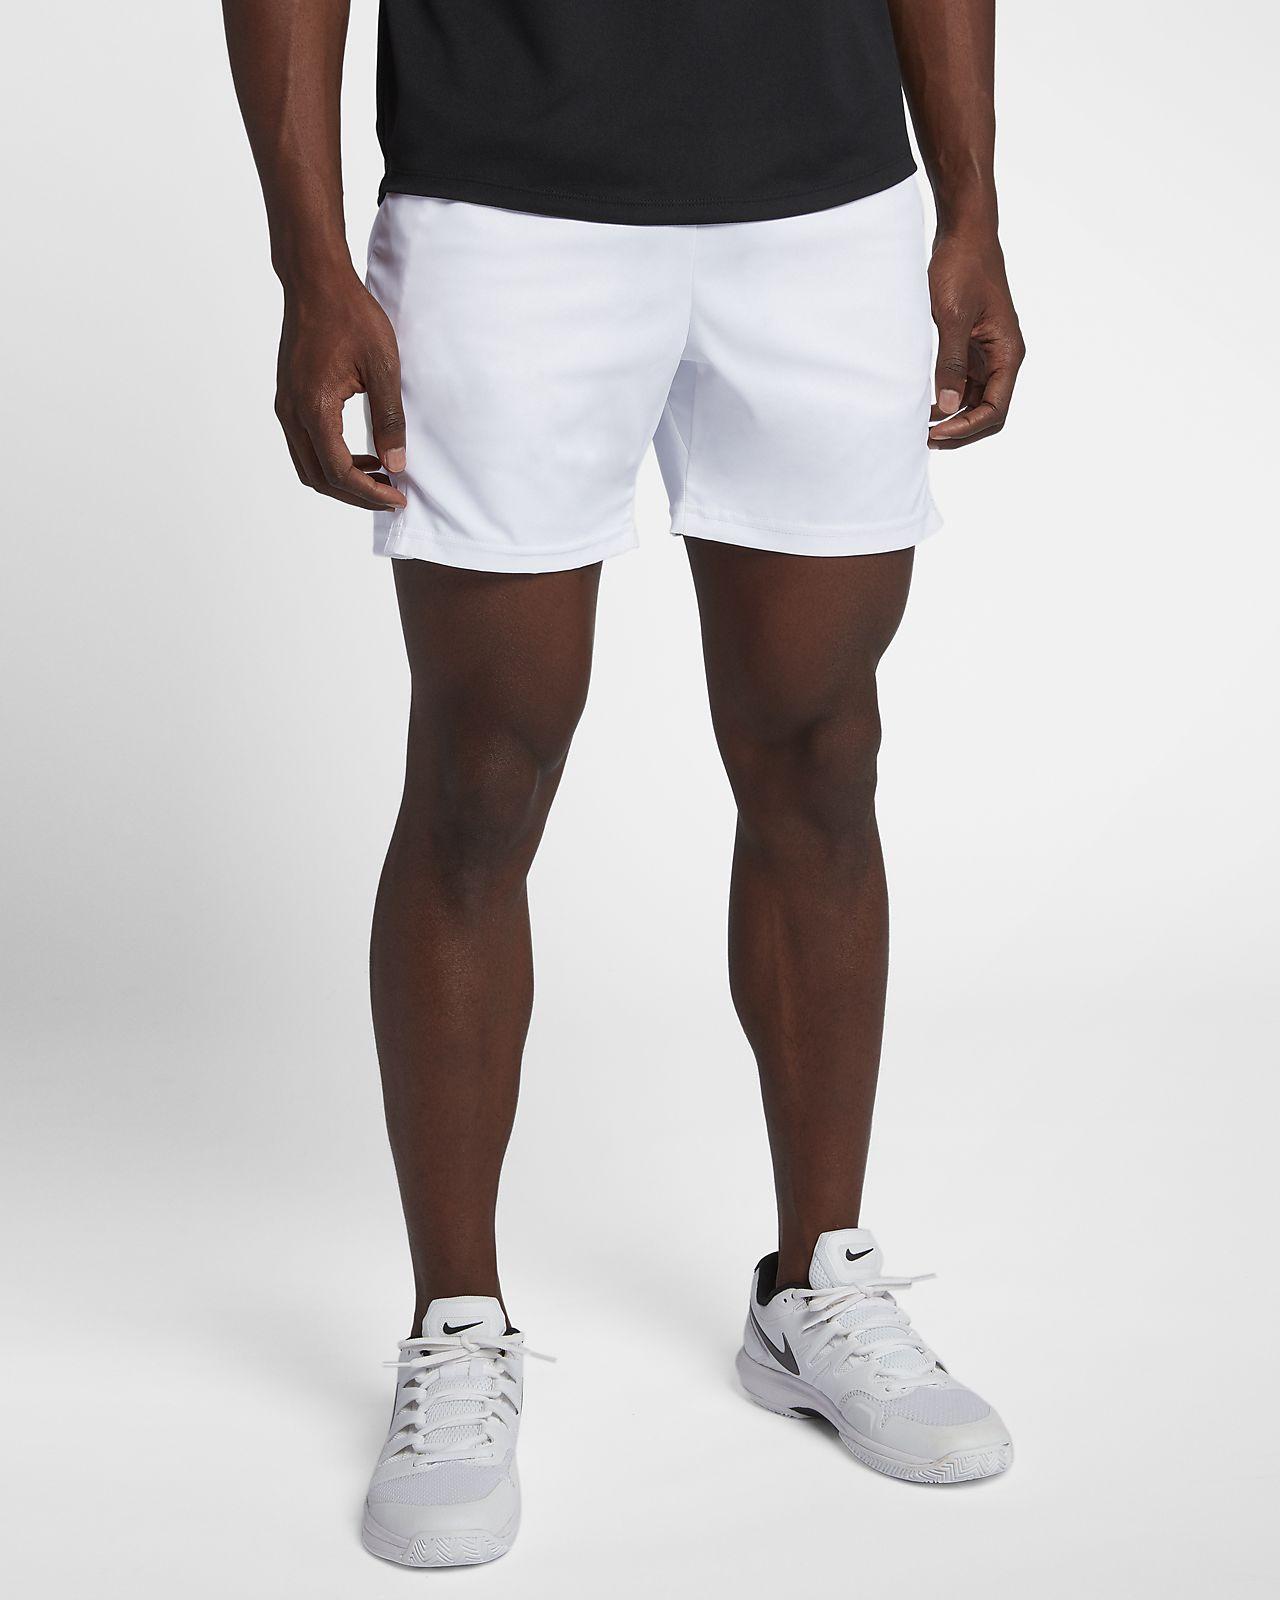 NikeCourt Dri-FIT Herren-Tennisshorts